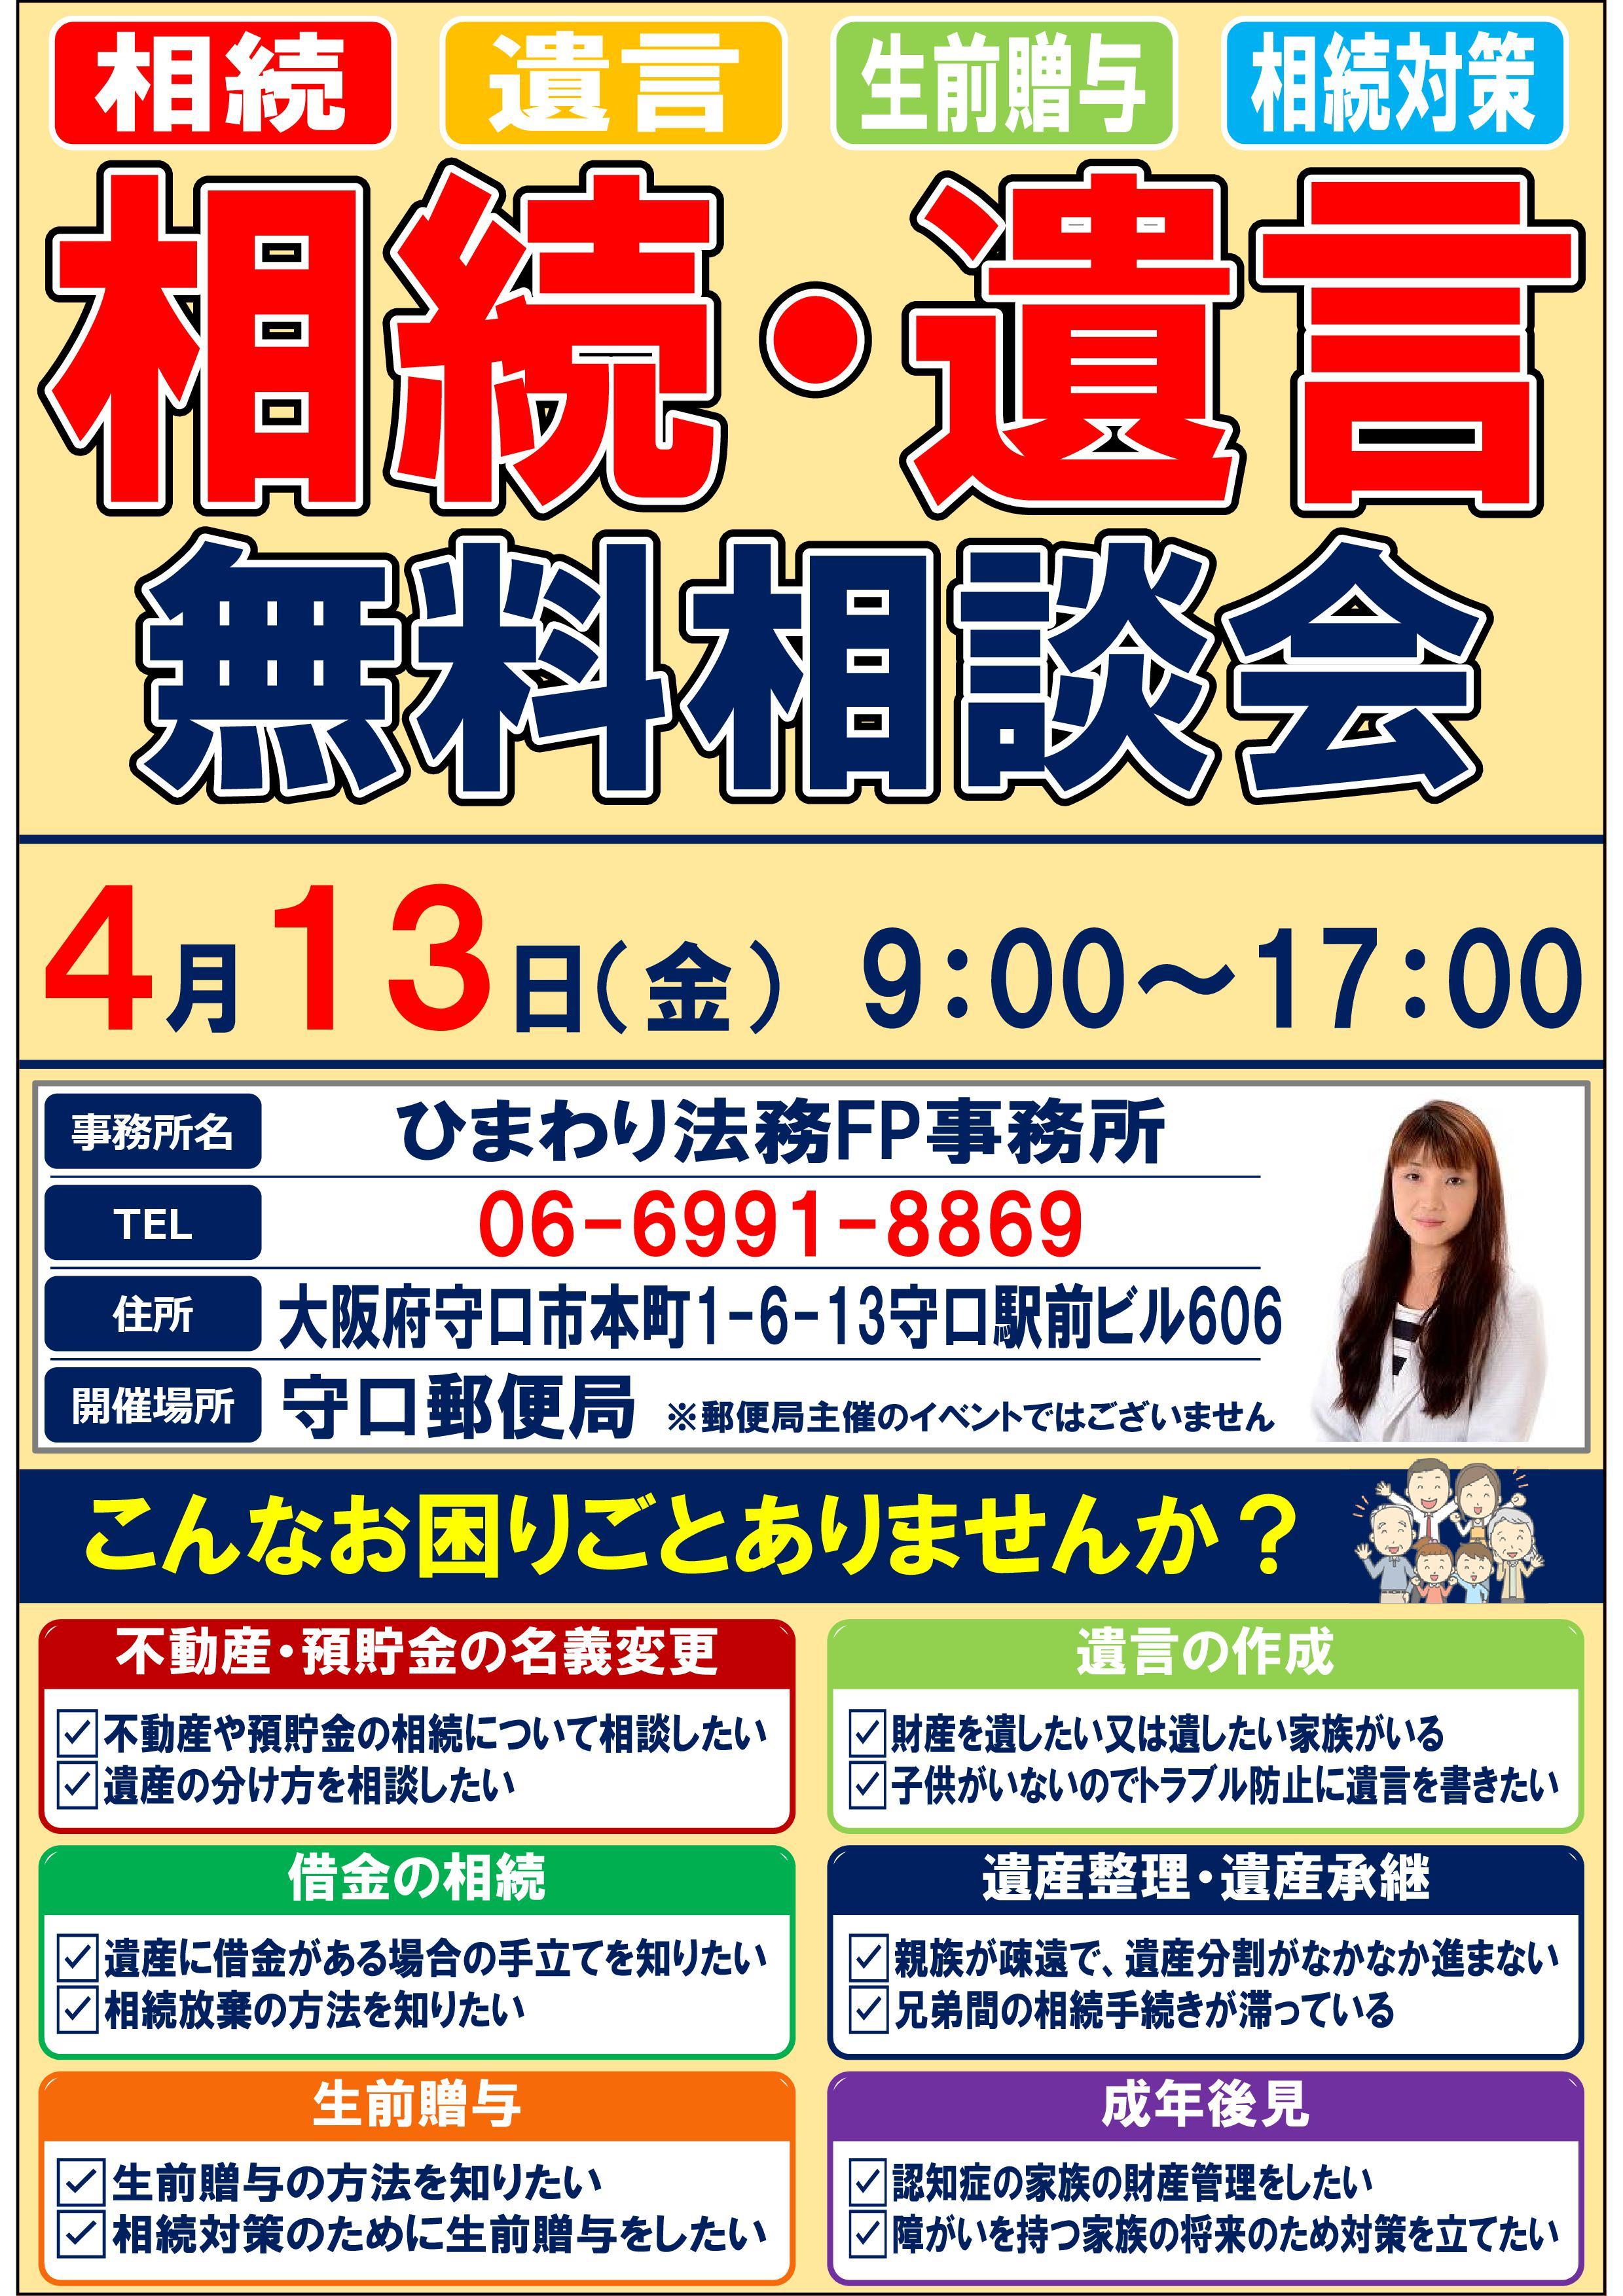 事前告知ポスター(4月13日).jpg